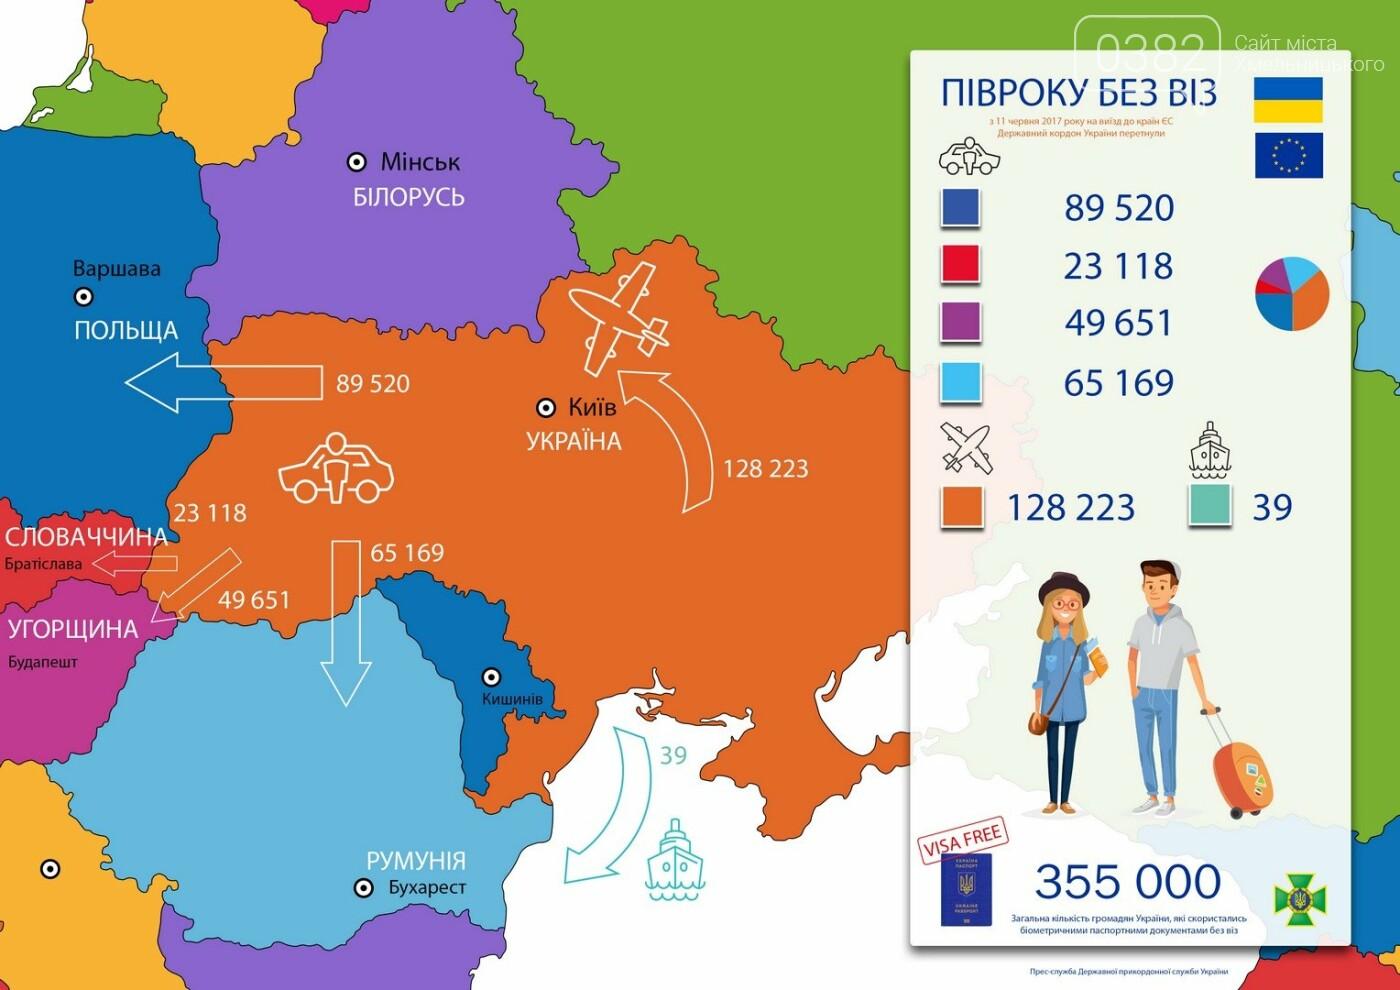 За час безвізу, ним скористалися понад 300 тисяч українців. ІНФОГРАФІКА, фото-1